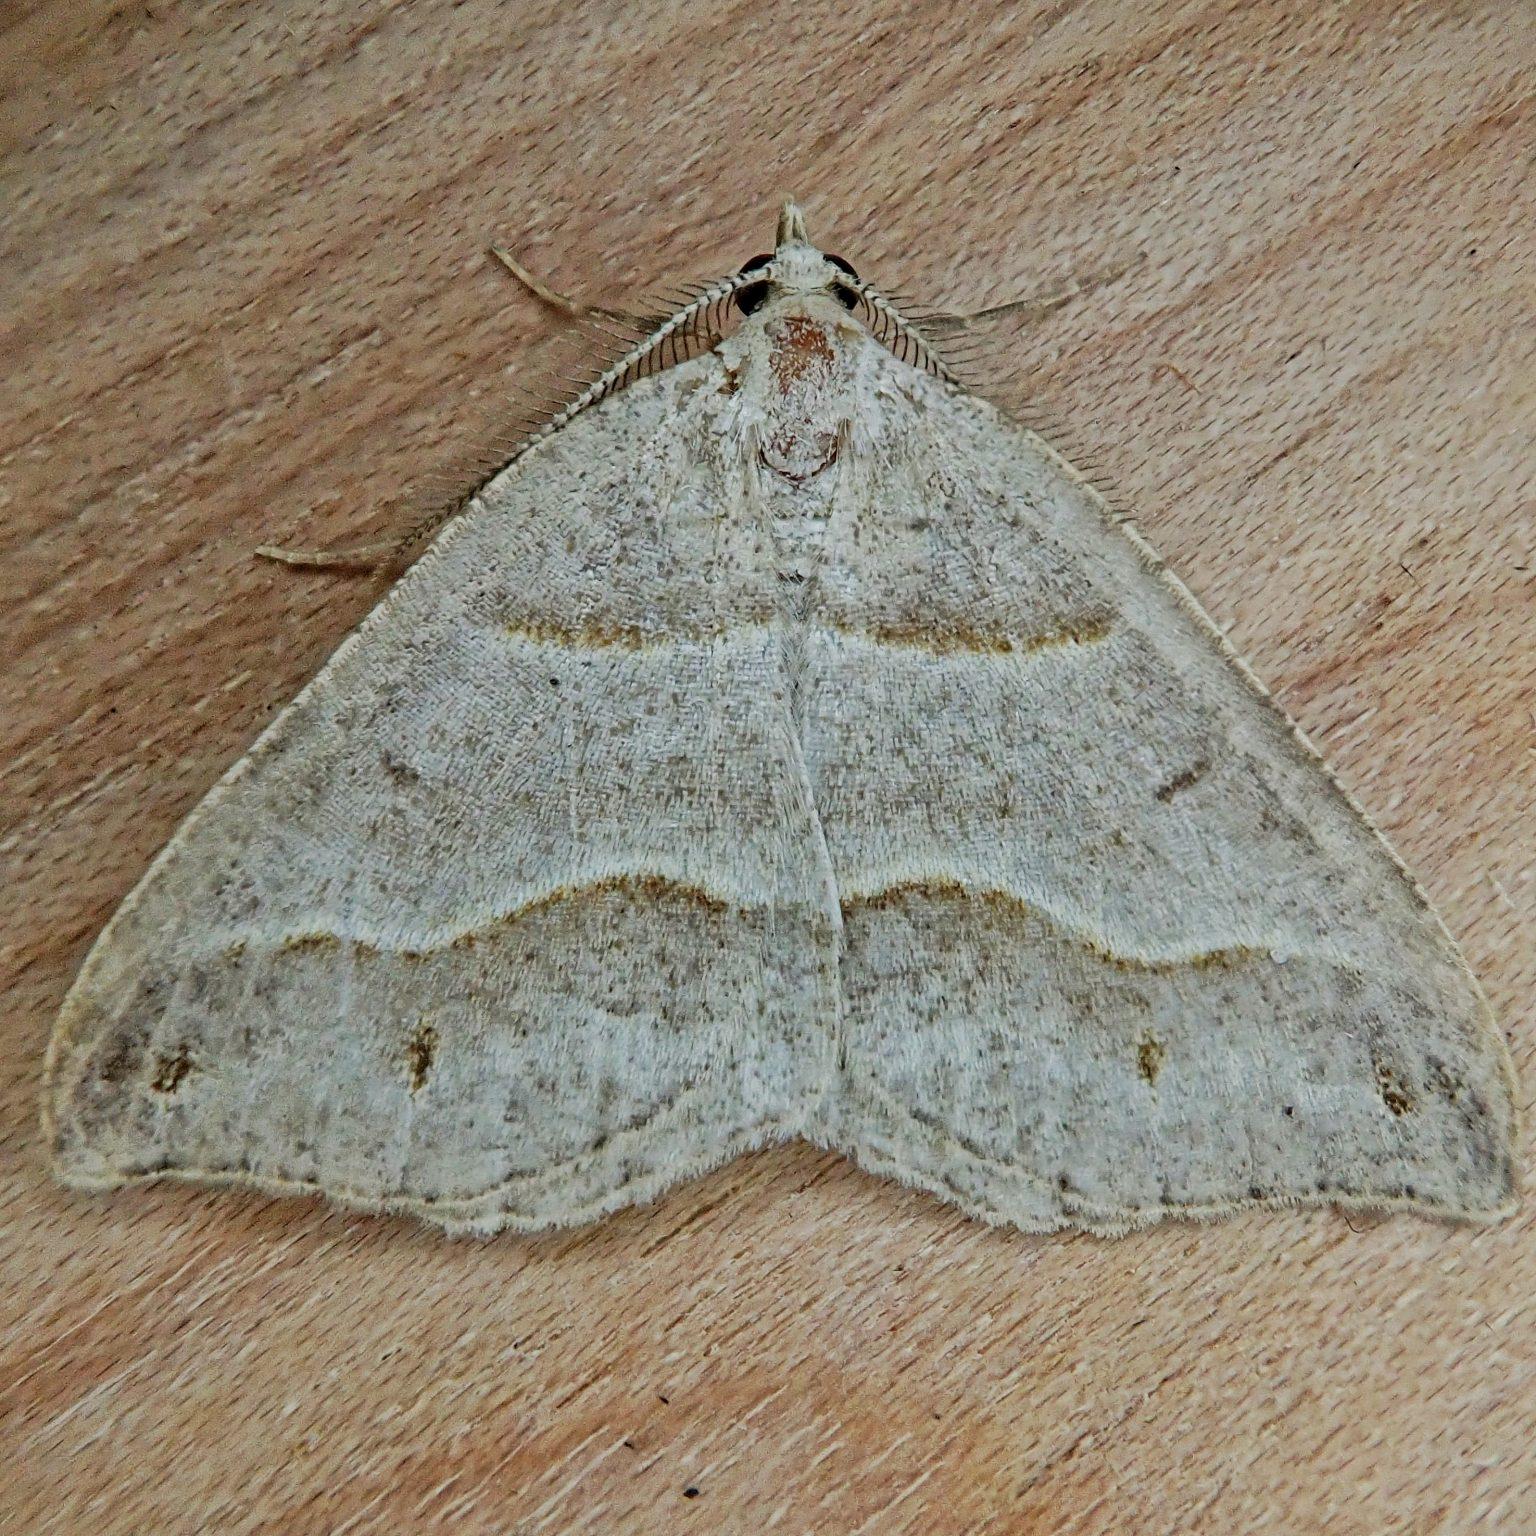 Lorquin's Angle Moth